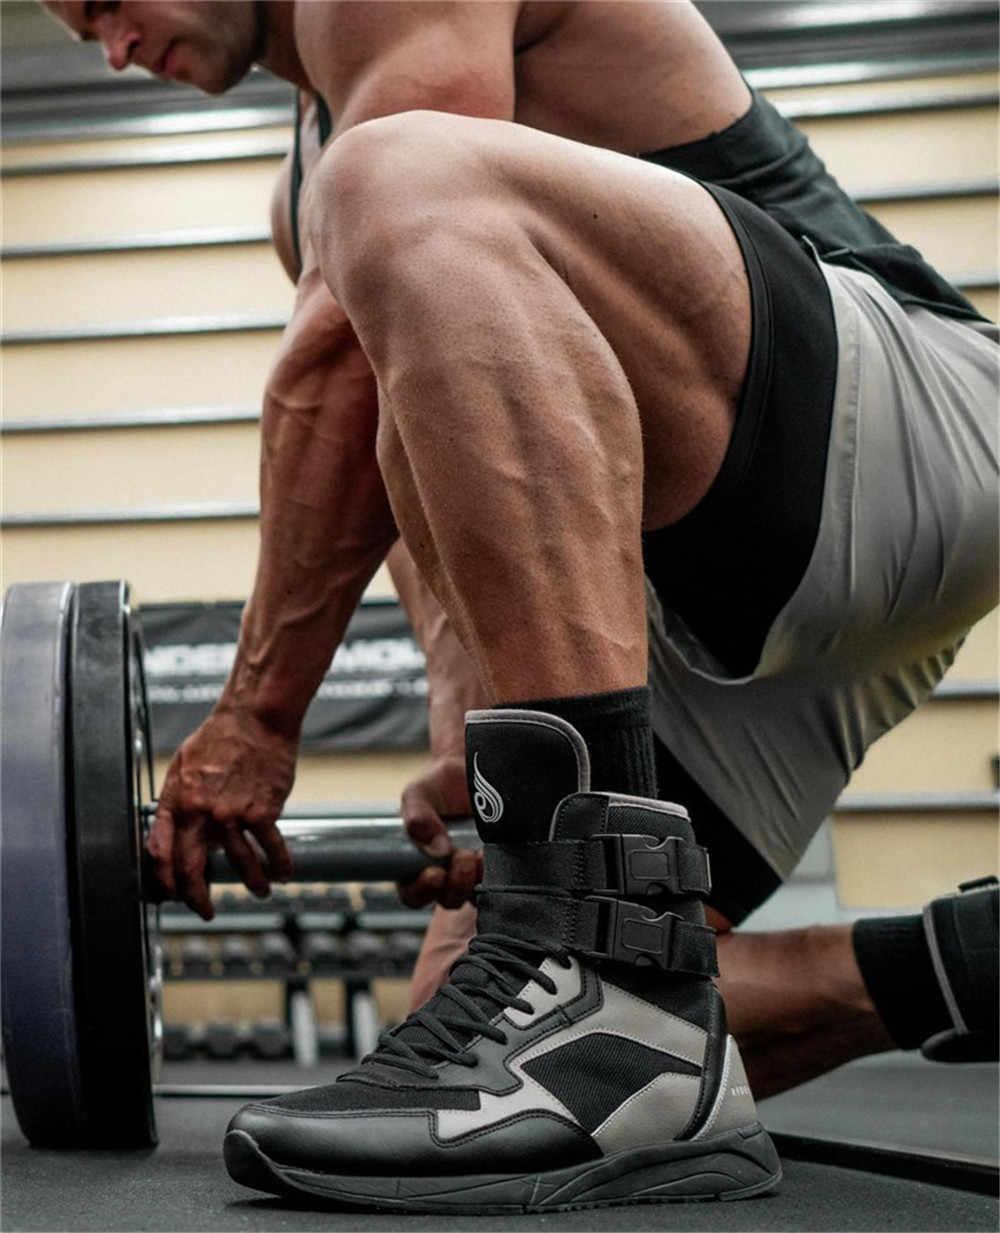 Szorty do biegania męskie 2 w 1 krótkie spodnie siłownia trening kulturystyczny szybkie suche bermudy męskie lato plaża odzież sportowa dna